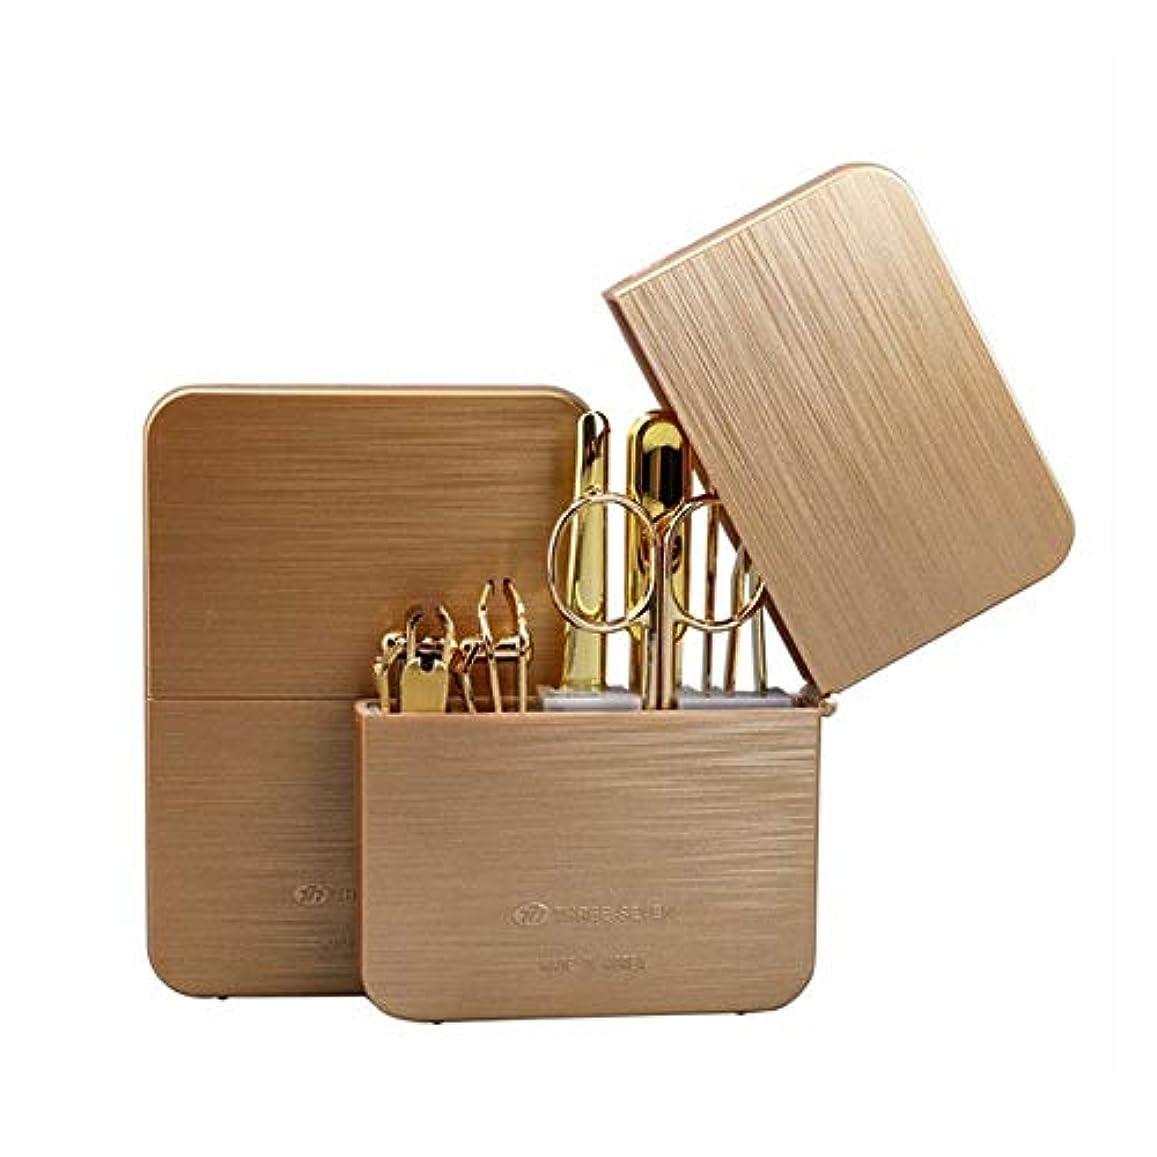 若者ゴール販売員TUOFL 7パーソナルケア修理ツール、マニキュアツール、炭素鋼、シャープで耐久性、完全に機能 (Color : Gold)